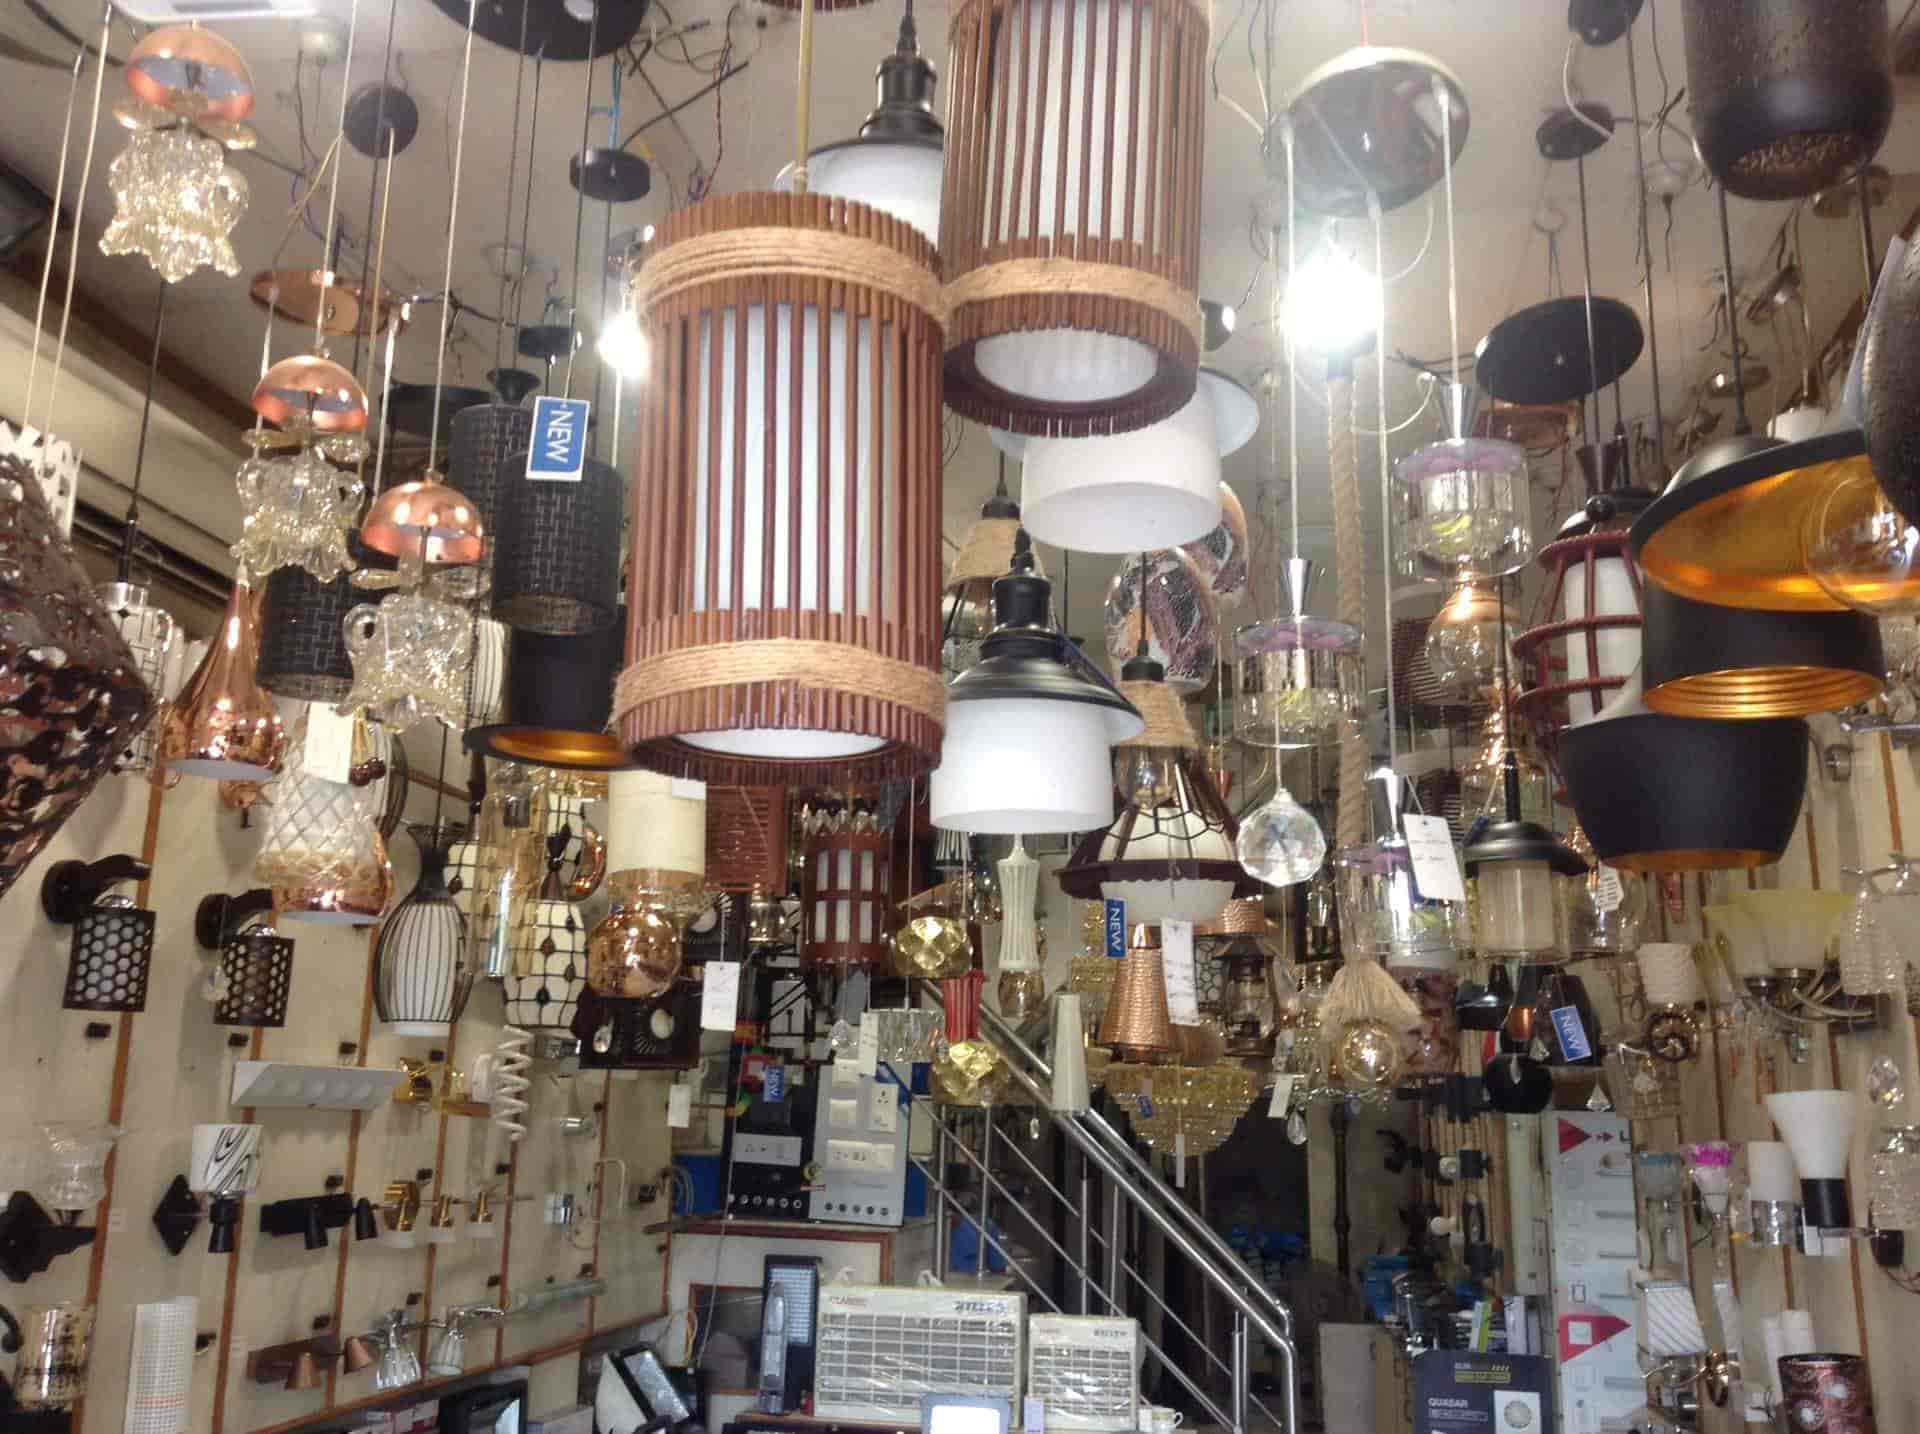 Panvik Electricals Jalandhar City Electrical Shops In Jalandhar Justdial